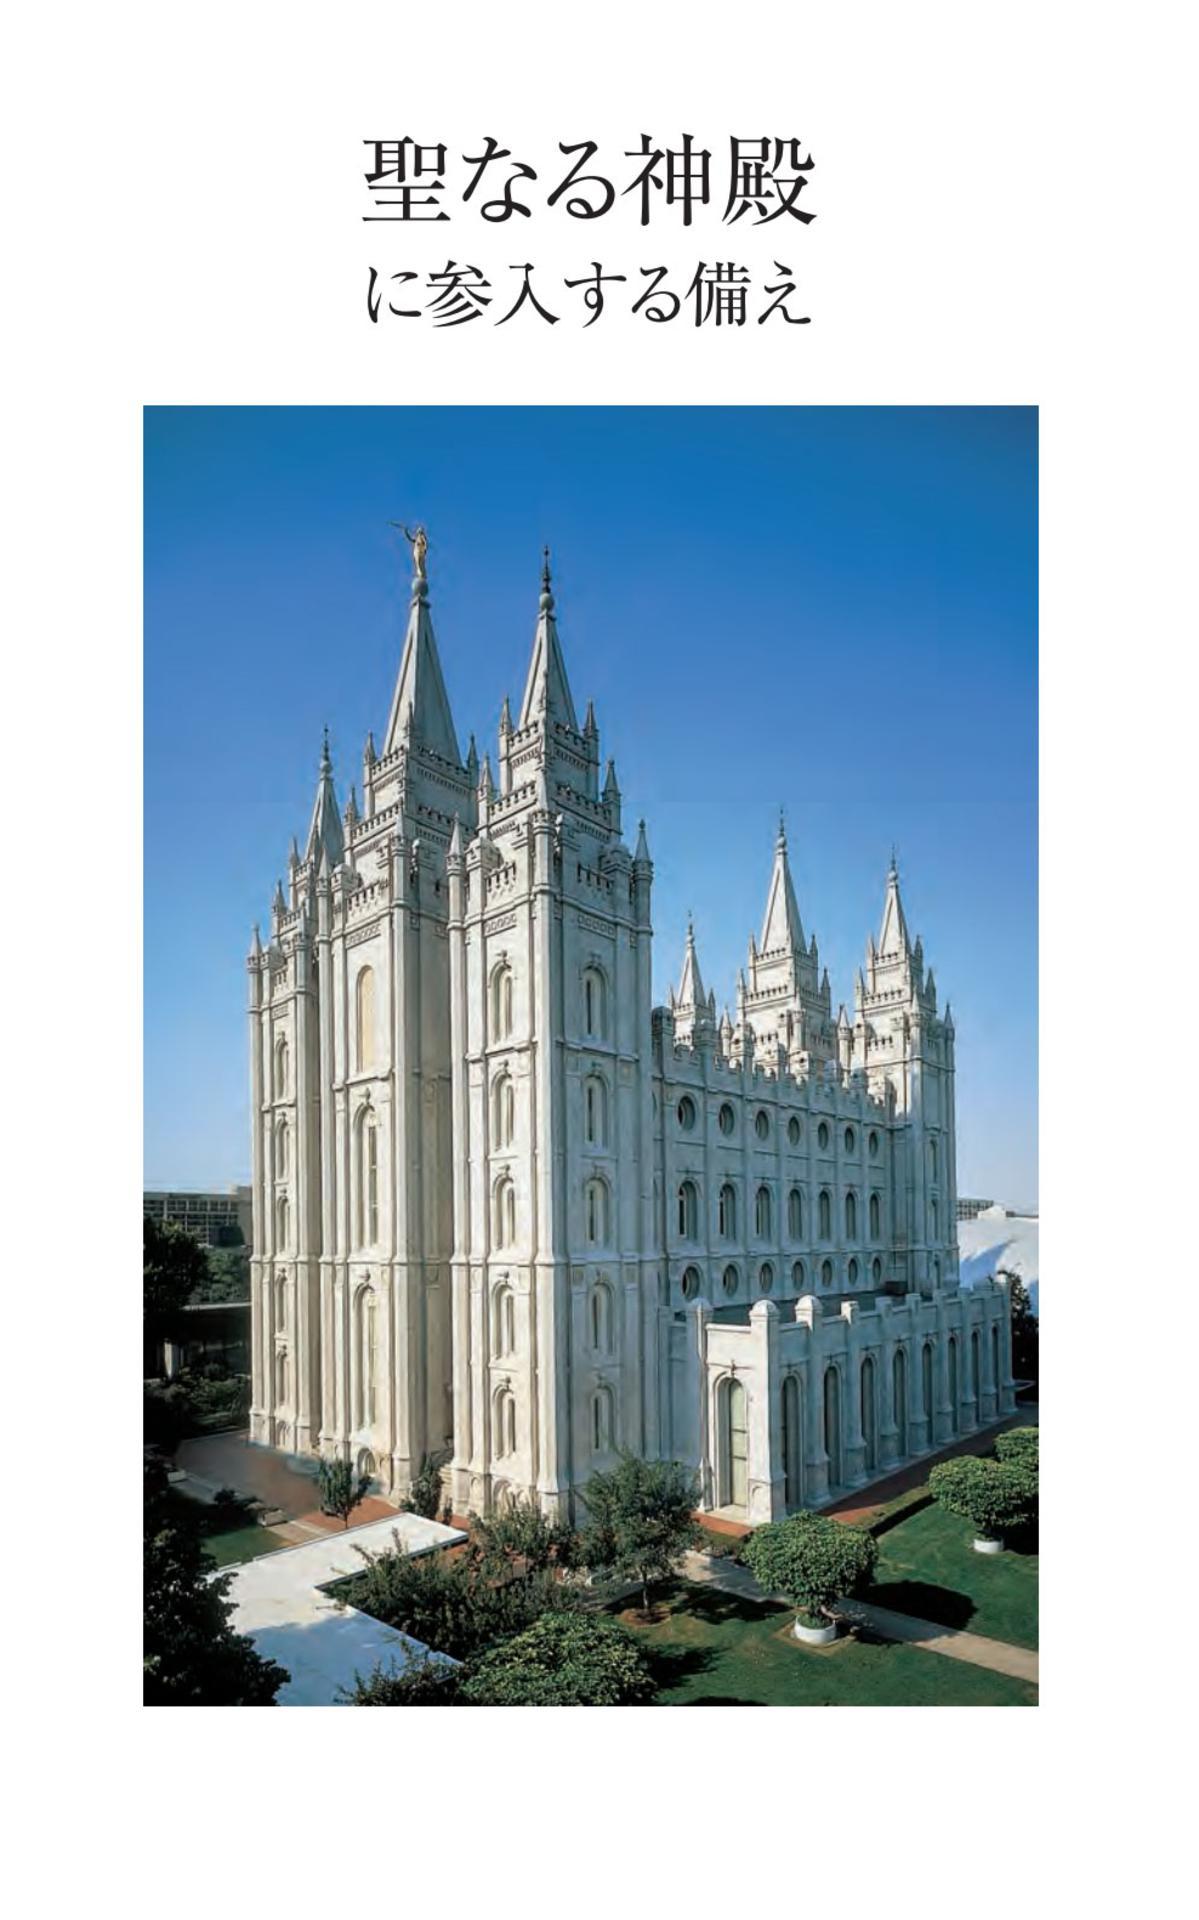 聖なる神殿に参入する備え